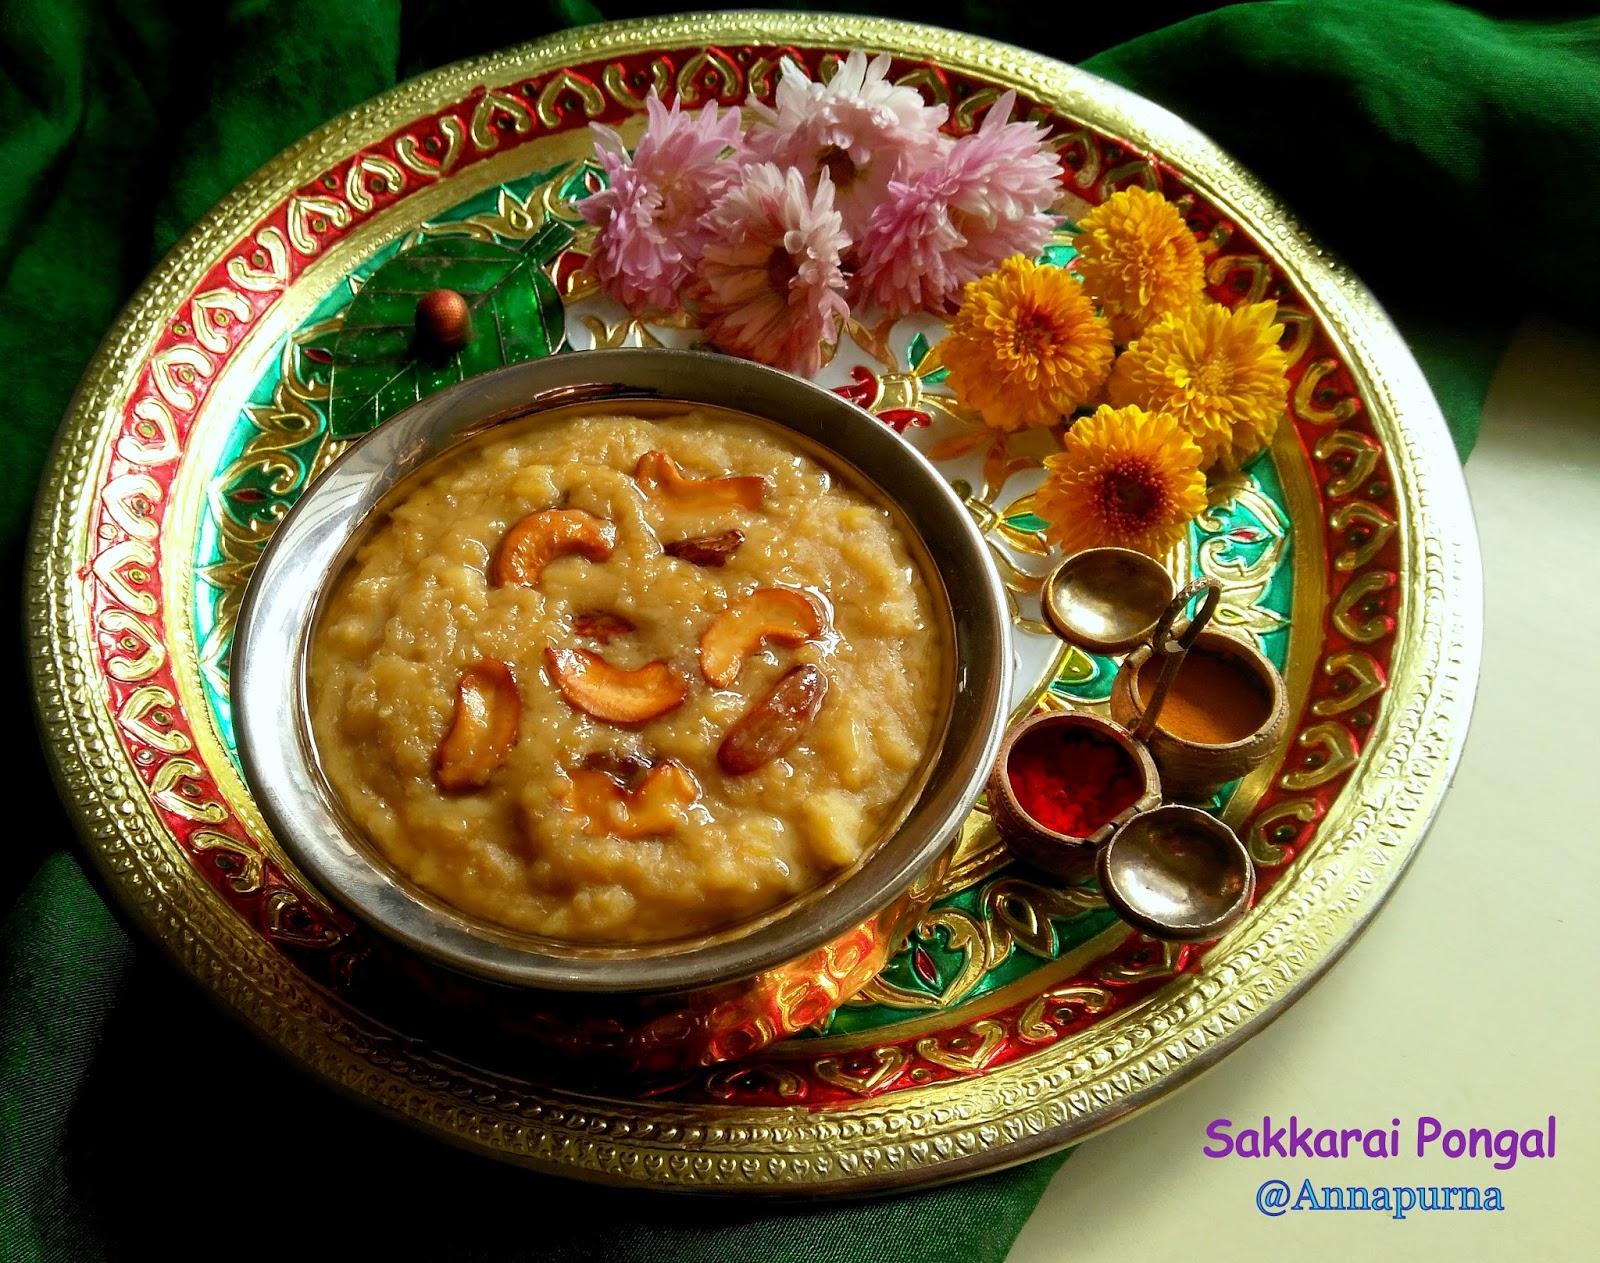 Indian food recipes indian recipes desi food desi recipes sakkarai pongal the sweet pongal recipe forumfinder Images